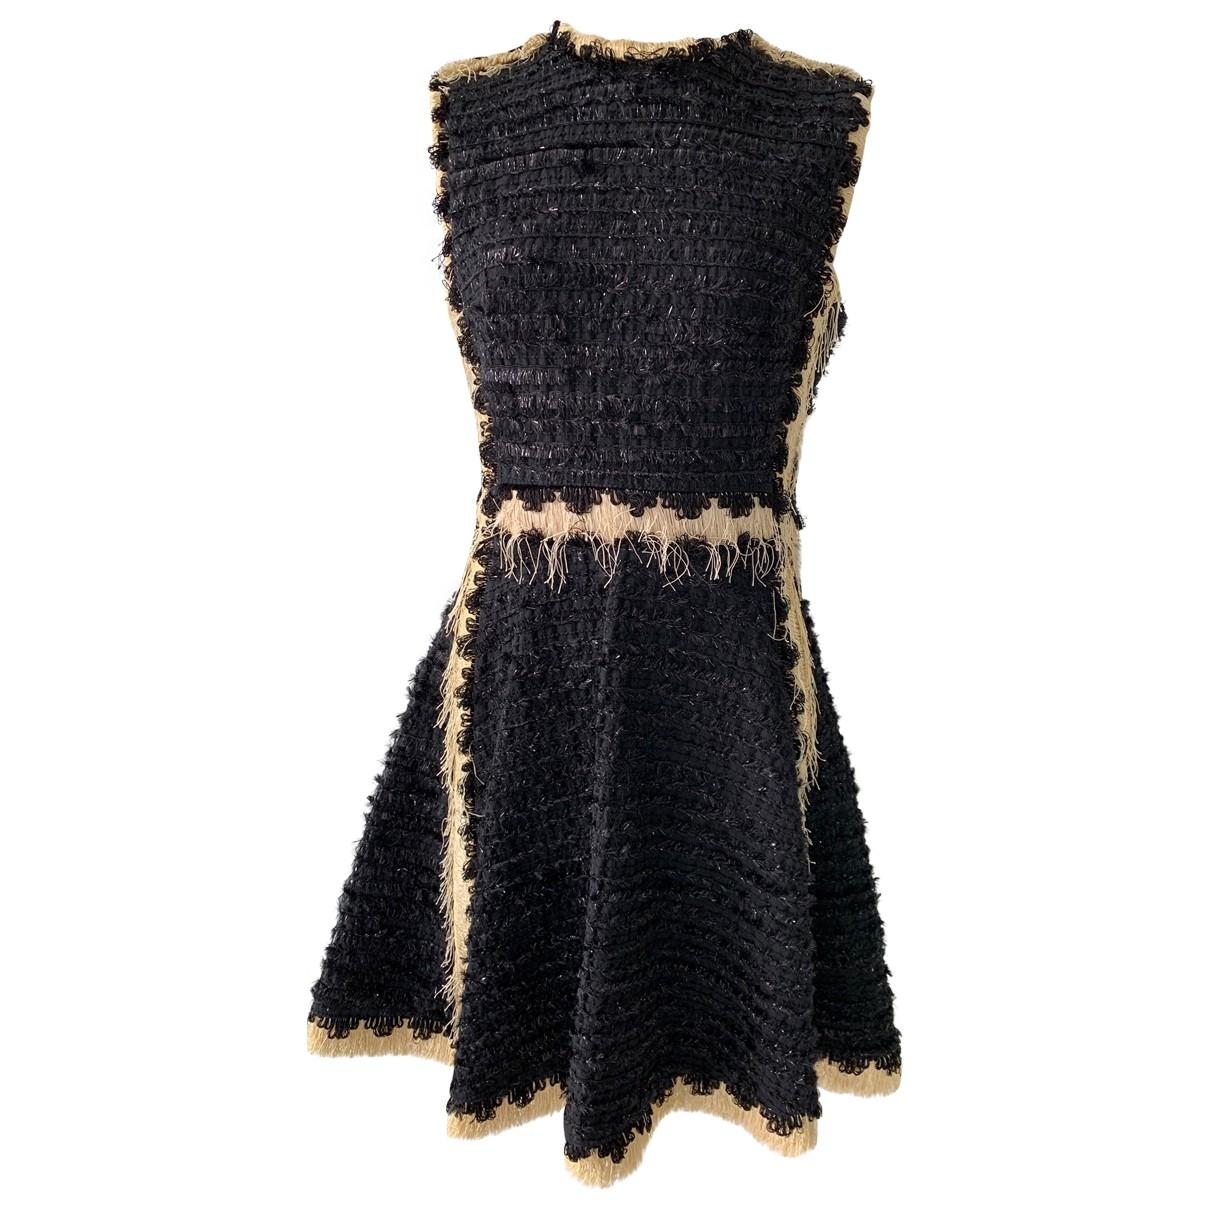 Lanvin \N Kleid in  Schwarz Baumwolle